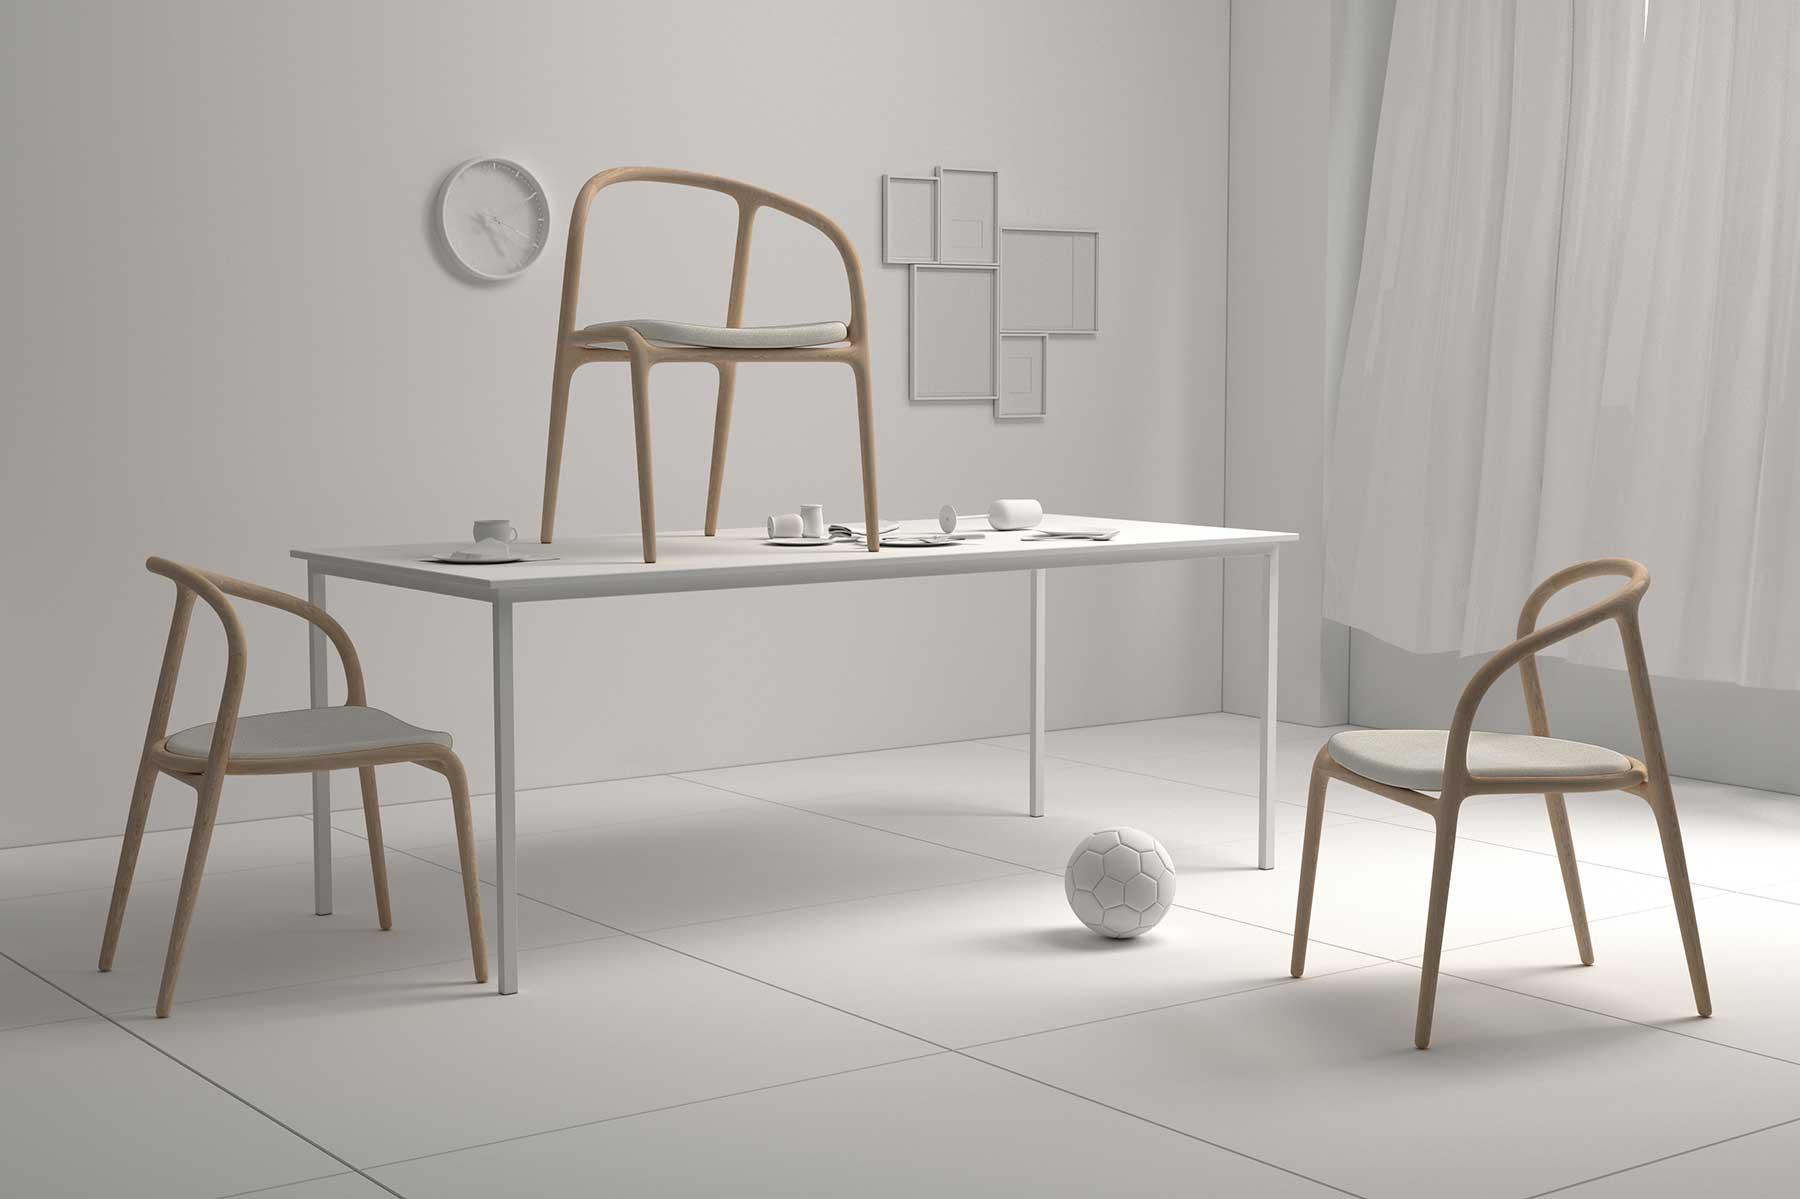 tres sillas diseño elegante madera escenario